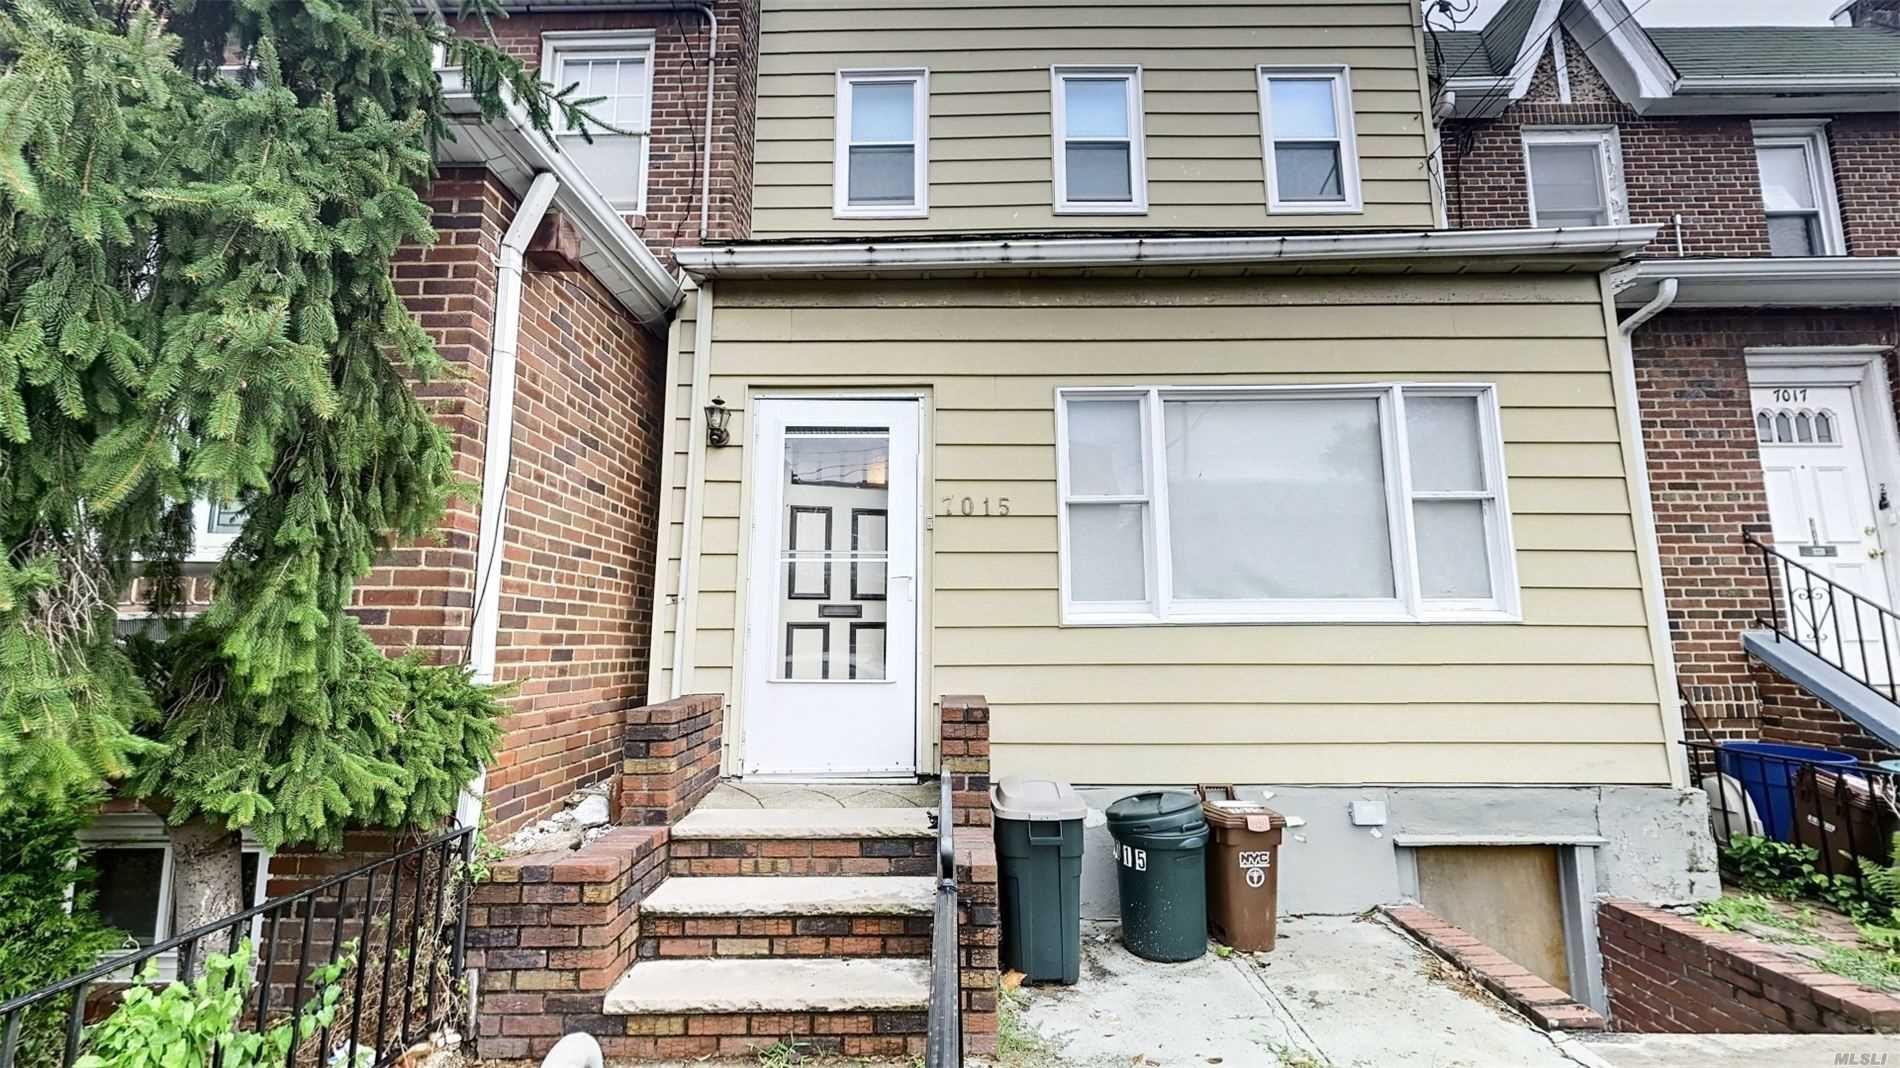 7015 Narrows Avenue, Bay Ridge, NY 11209 - MLS#: 3240335